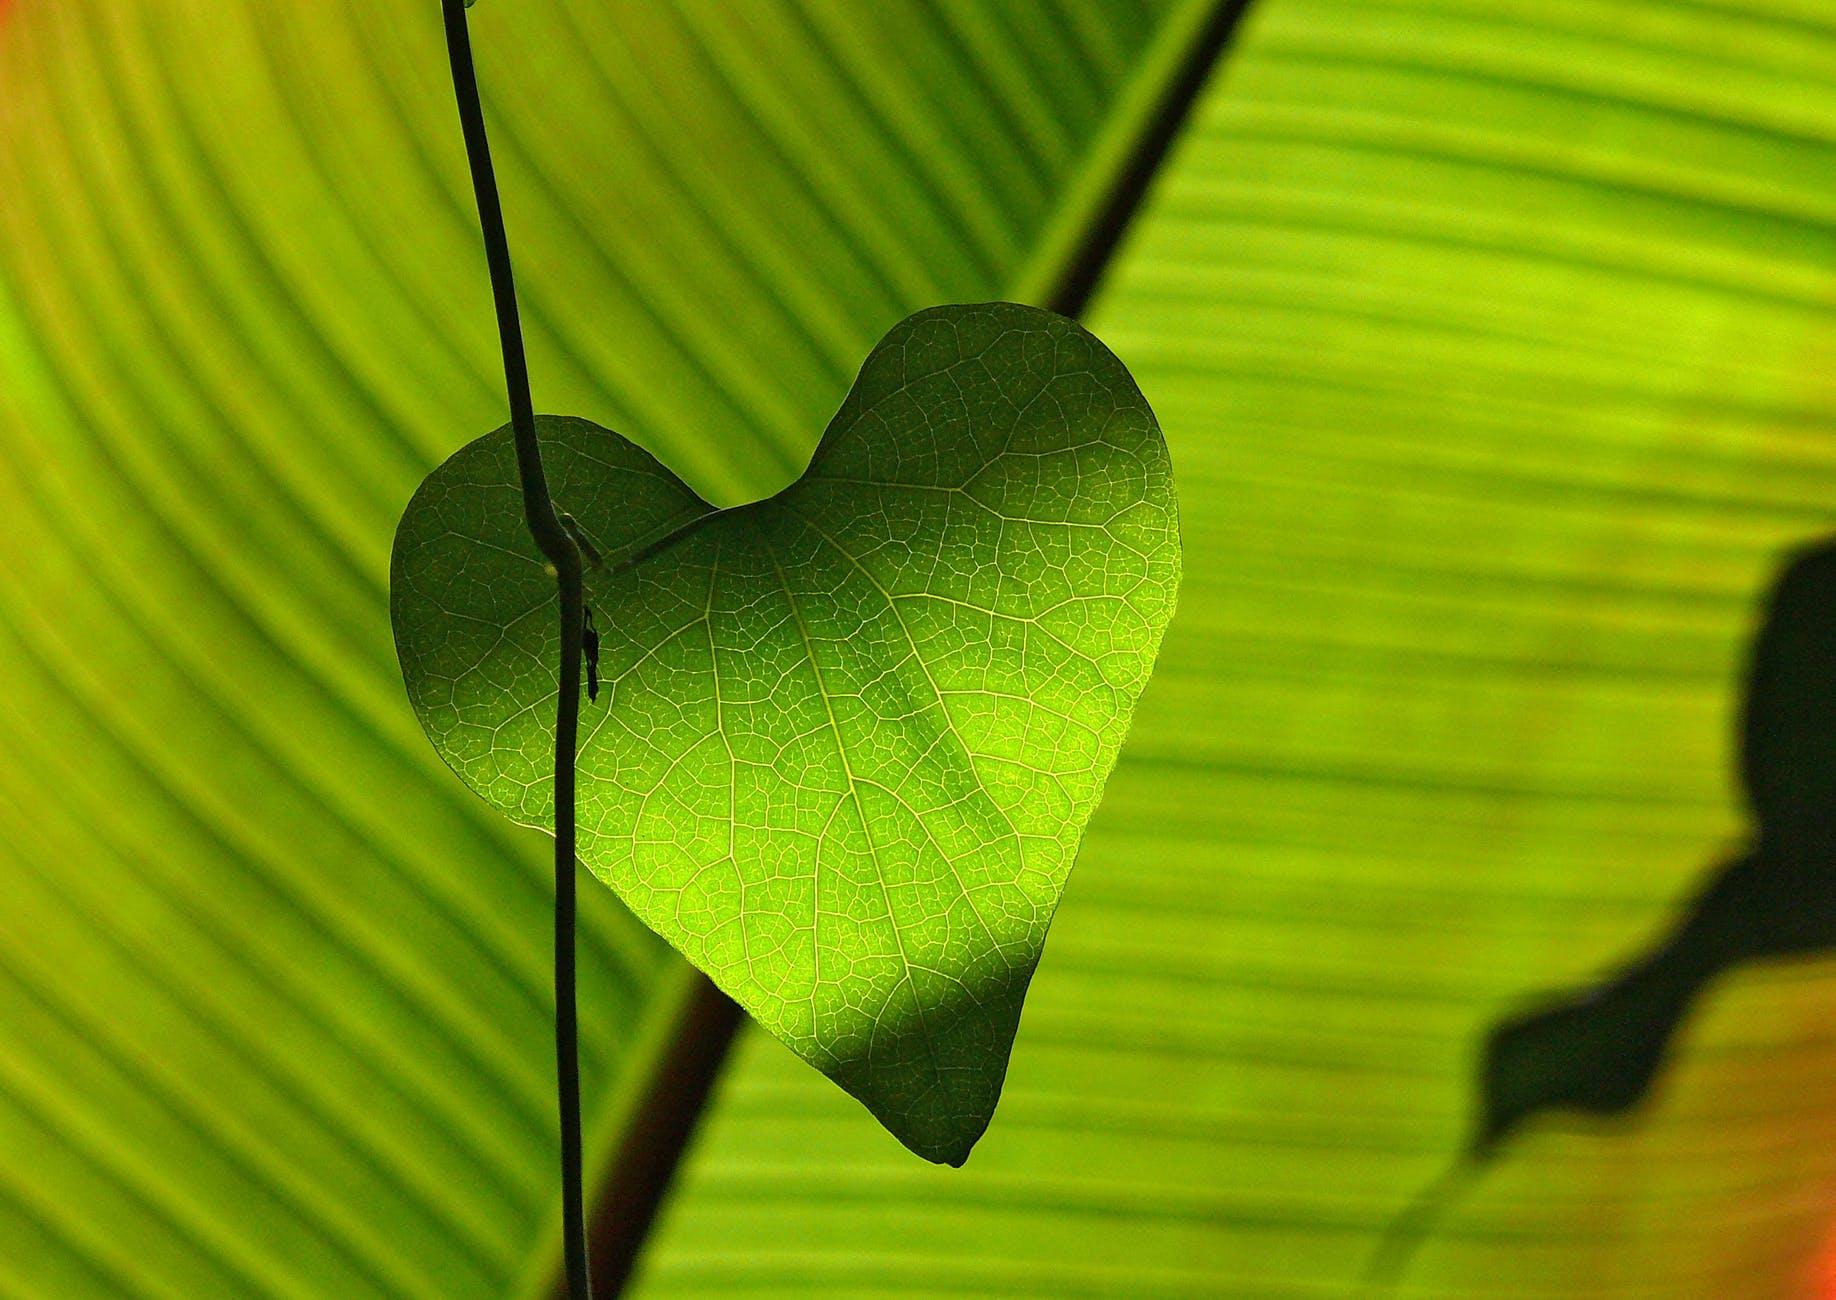 heart leaf green shadow play